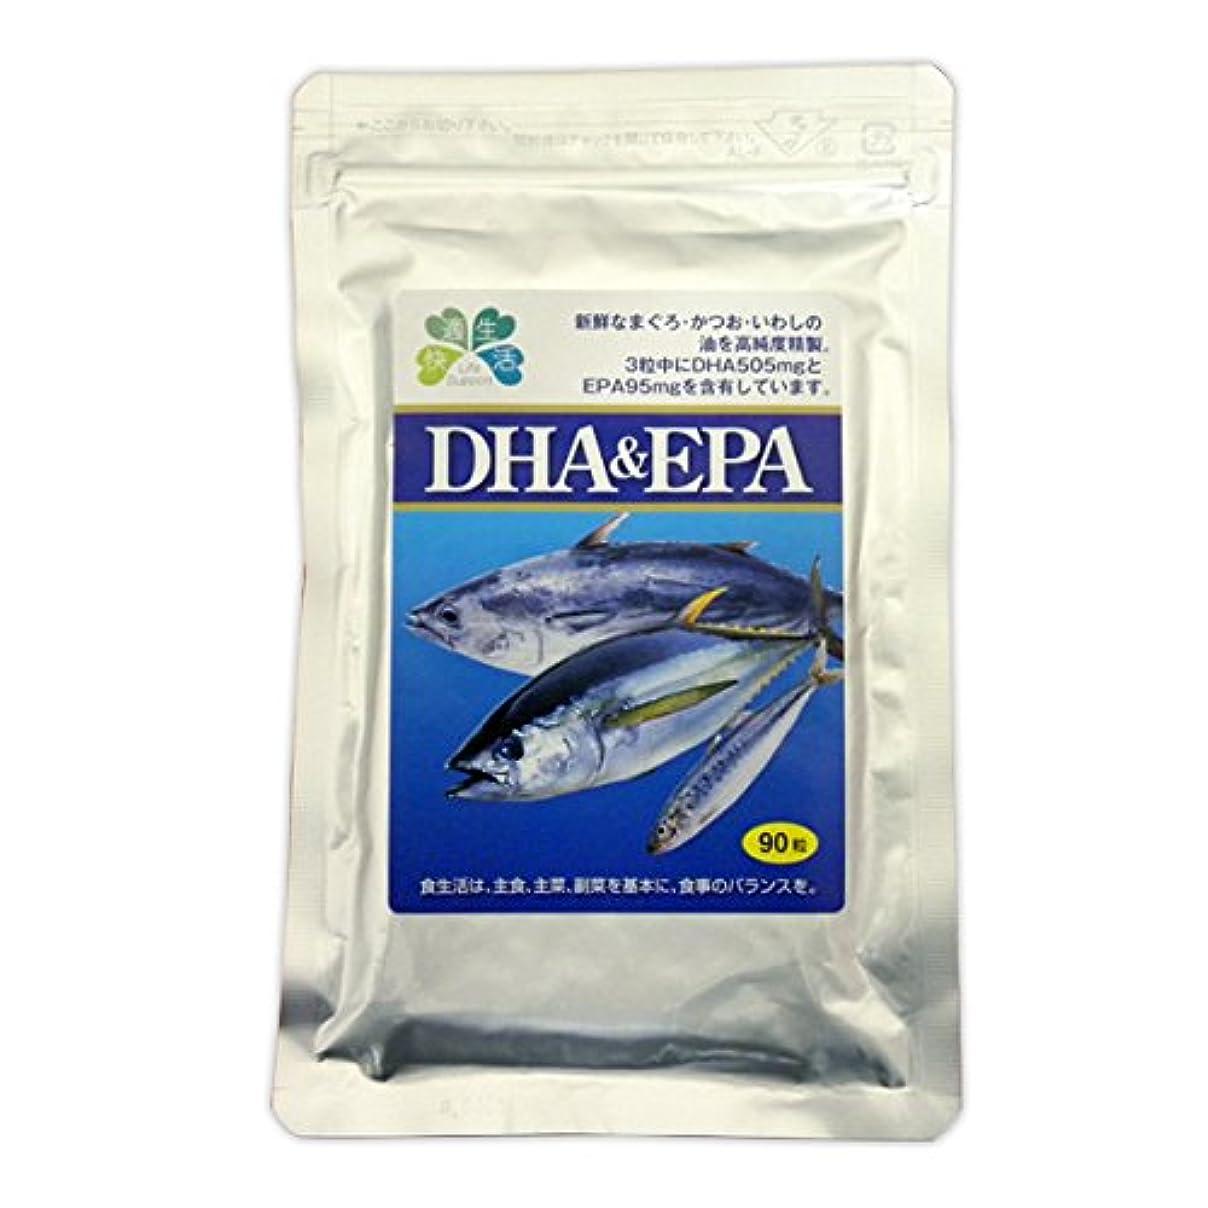 論理救いツール快適生活 DHA&EPA 4袋